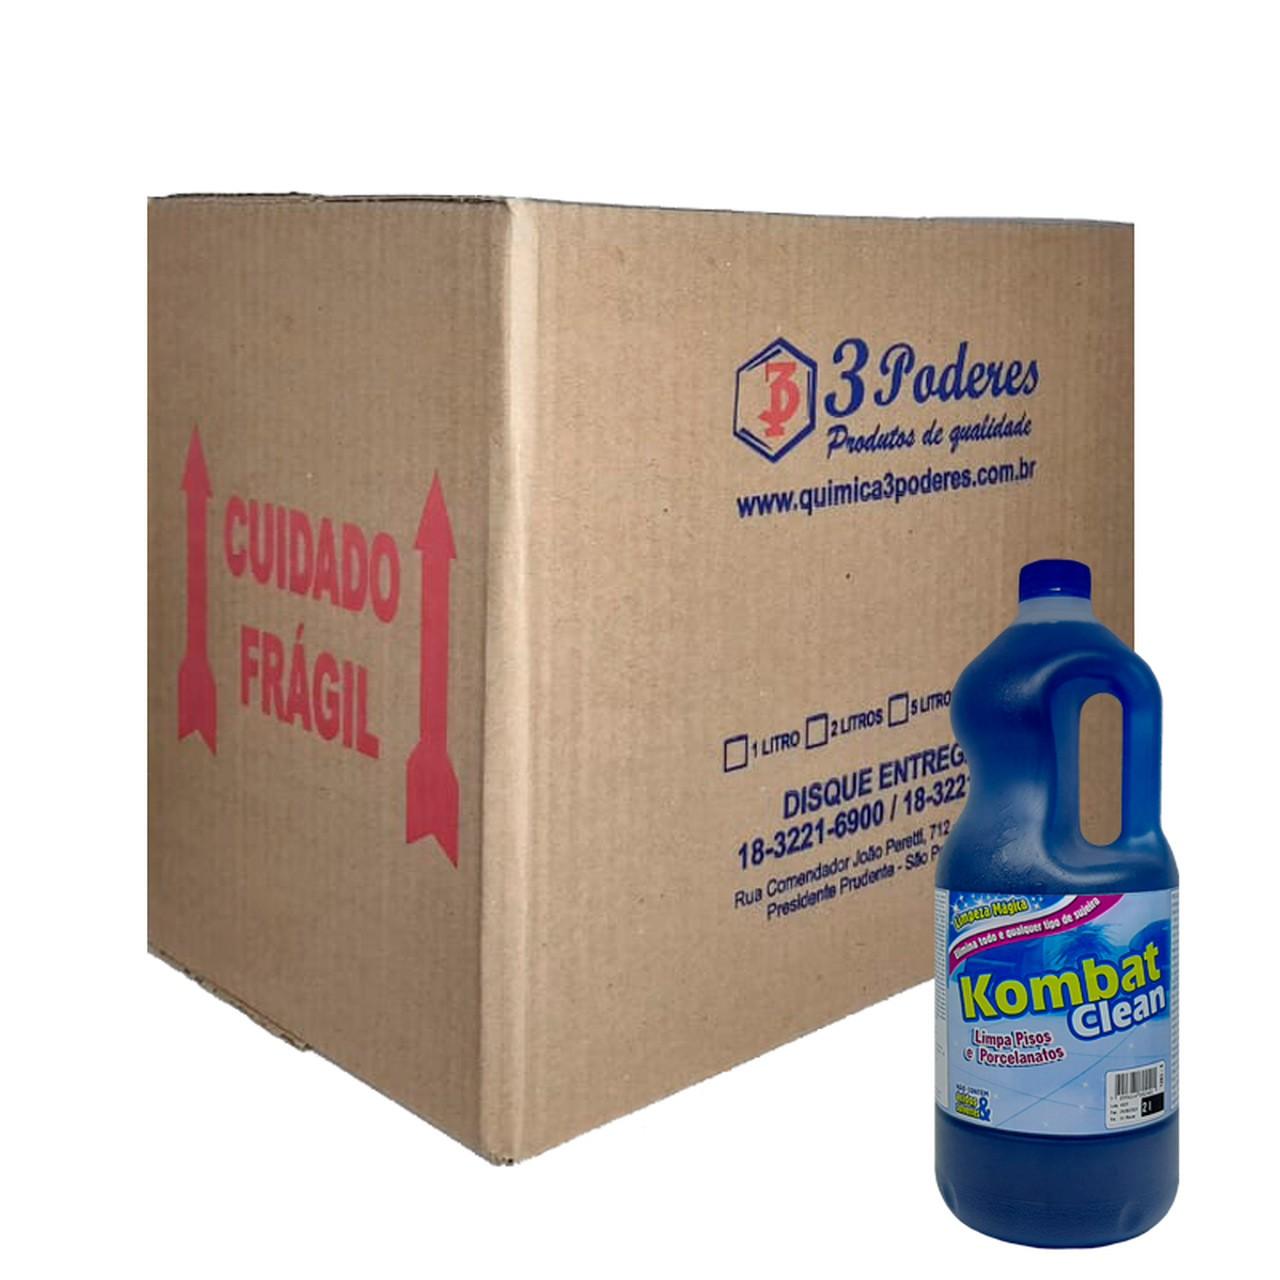 Kombat Clean 3 Poderes 2LTS - Limpa Pisos e Porcelanatos - Caixa com 6 Un.